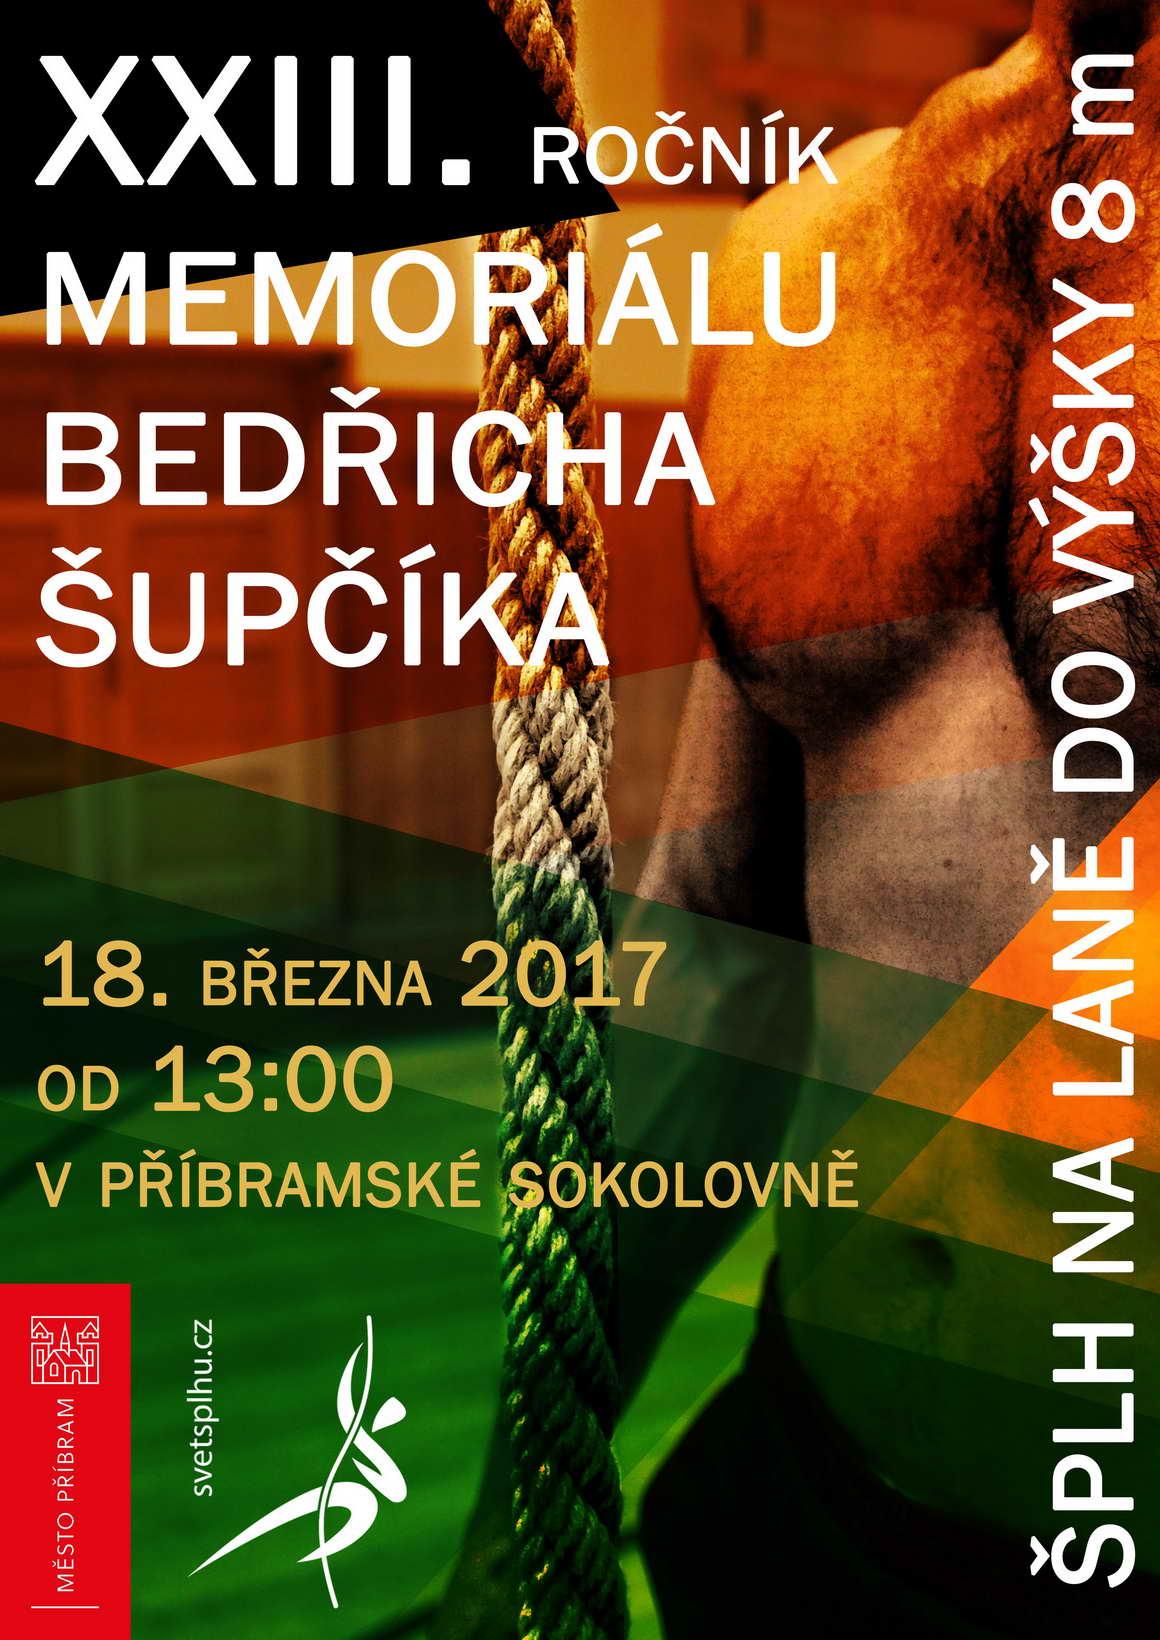 VC Memoriál Bedřicha Šupčíka 2017 - plakát